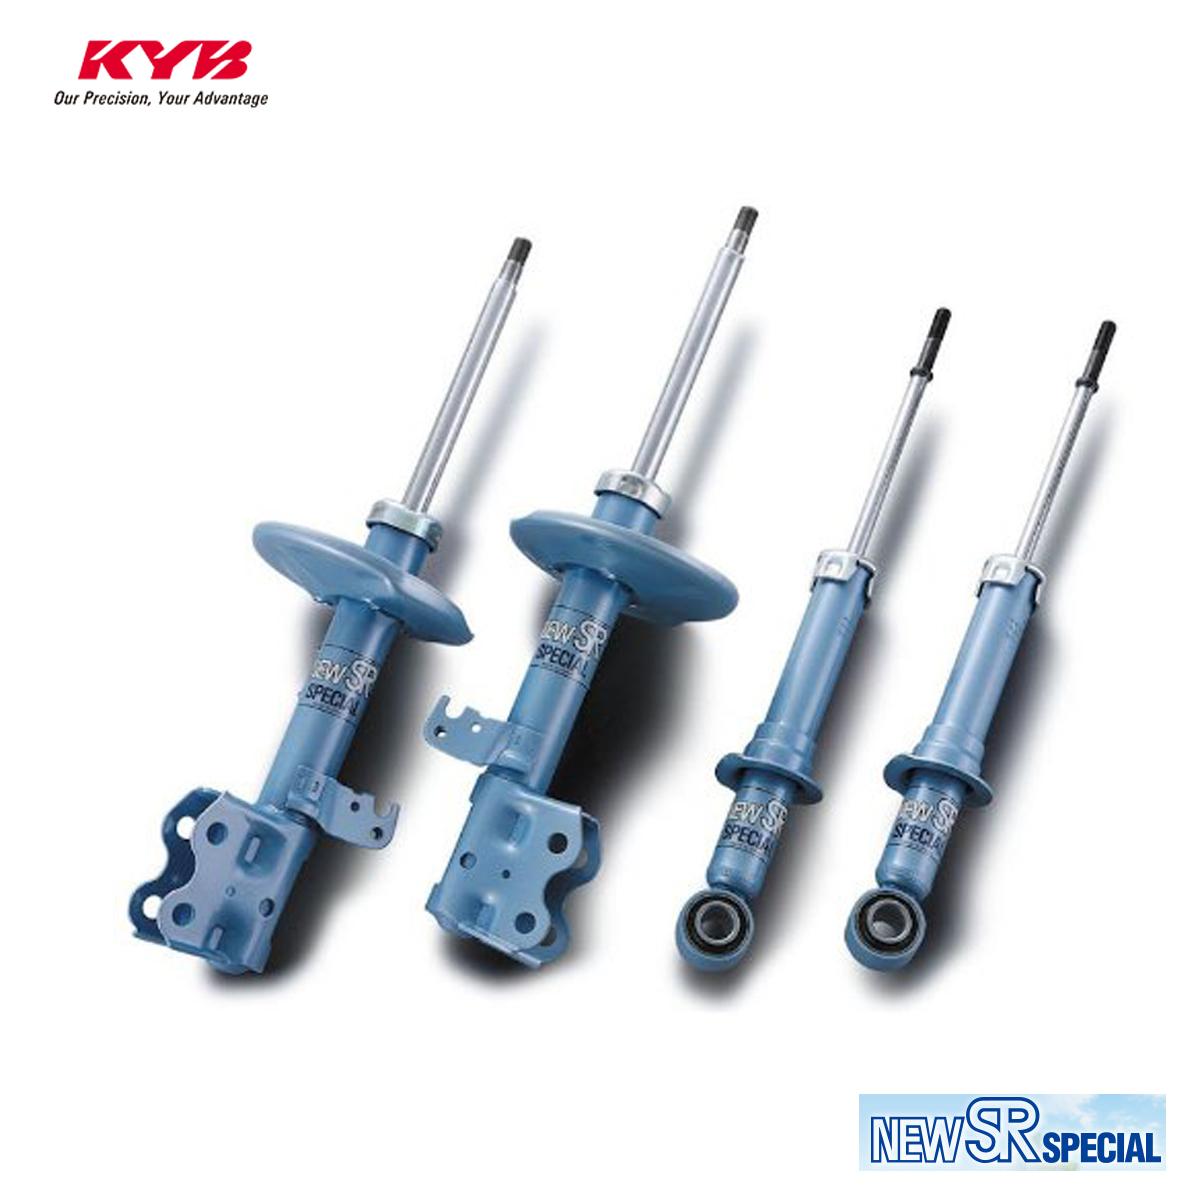 KYB カヤバ ヴィッツ NCP131 ショックアブソーバー 1台分 NEW SR SPECIAL NS-54561063 配送先条件有り